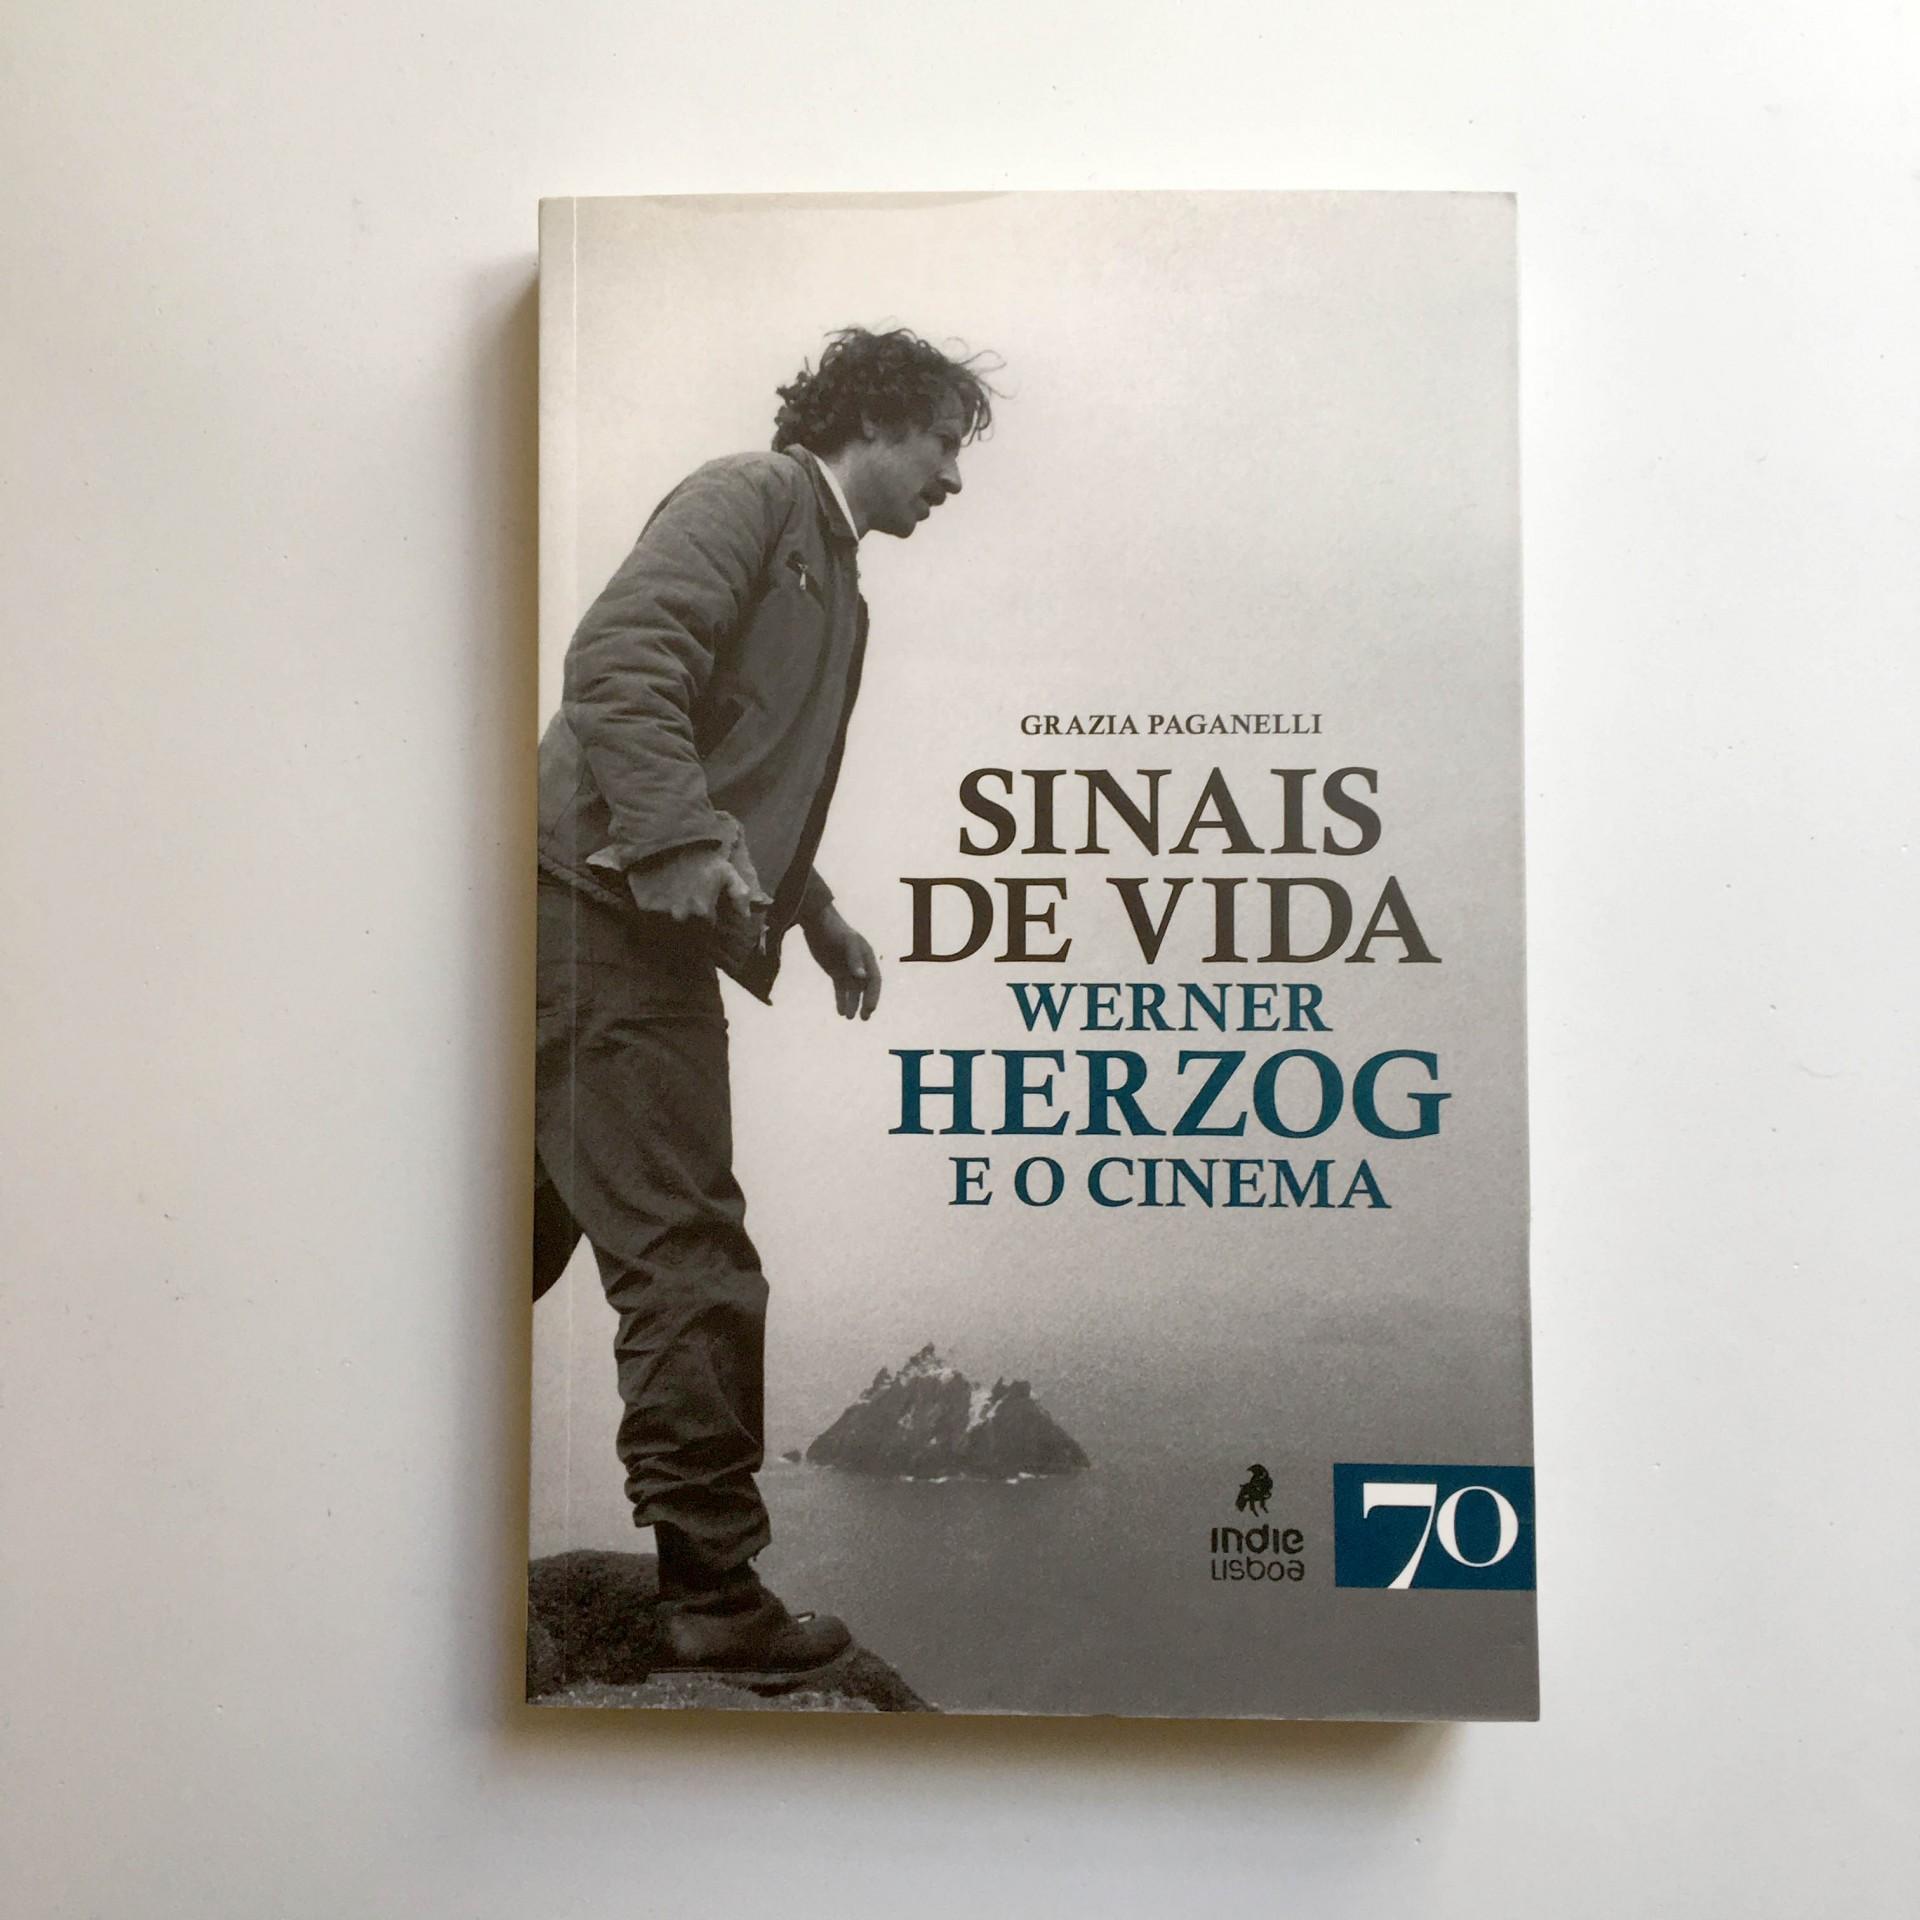 Sinais de vida: Werner Herzog e o cinema